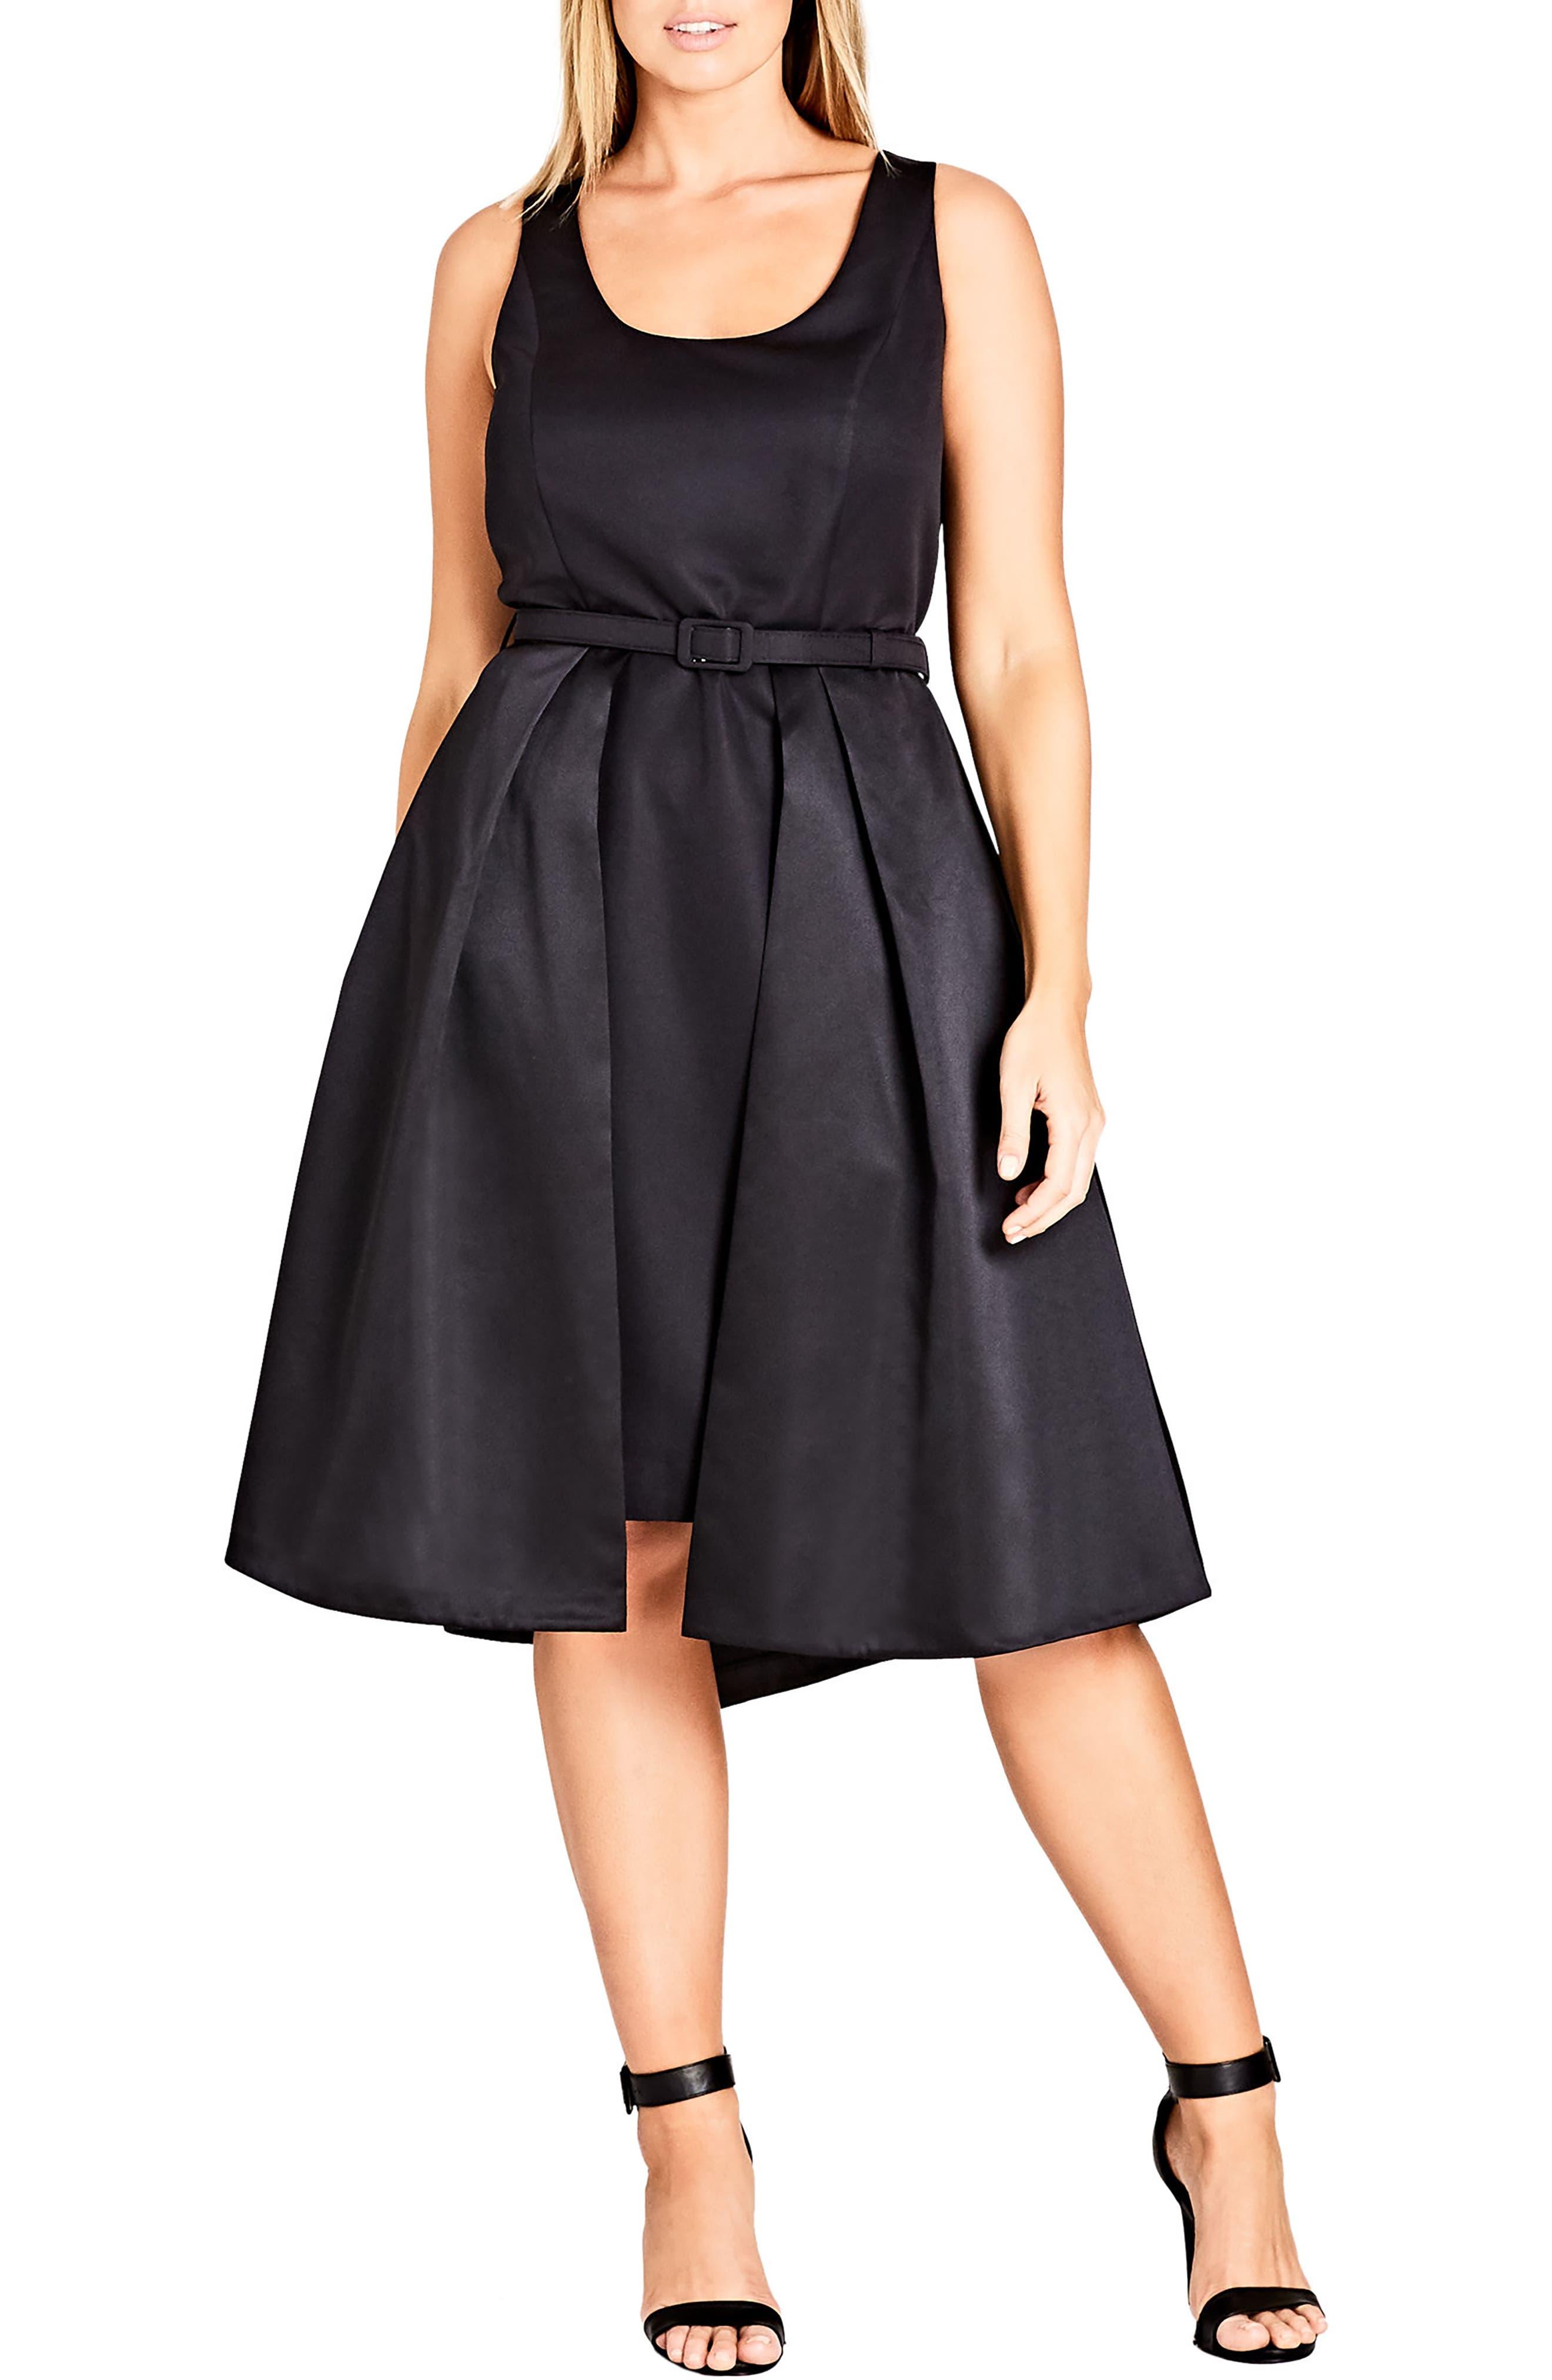 Main Image - City Chic Audrey Fit & Flare Dress (Plus Size)